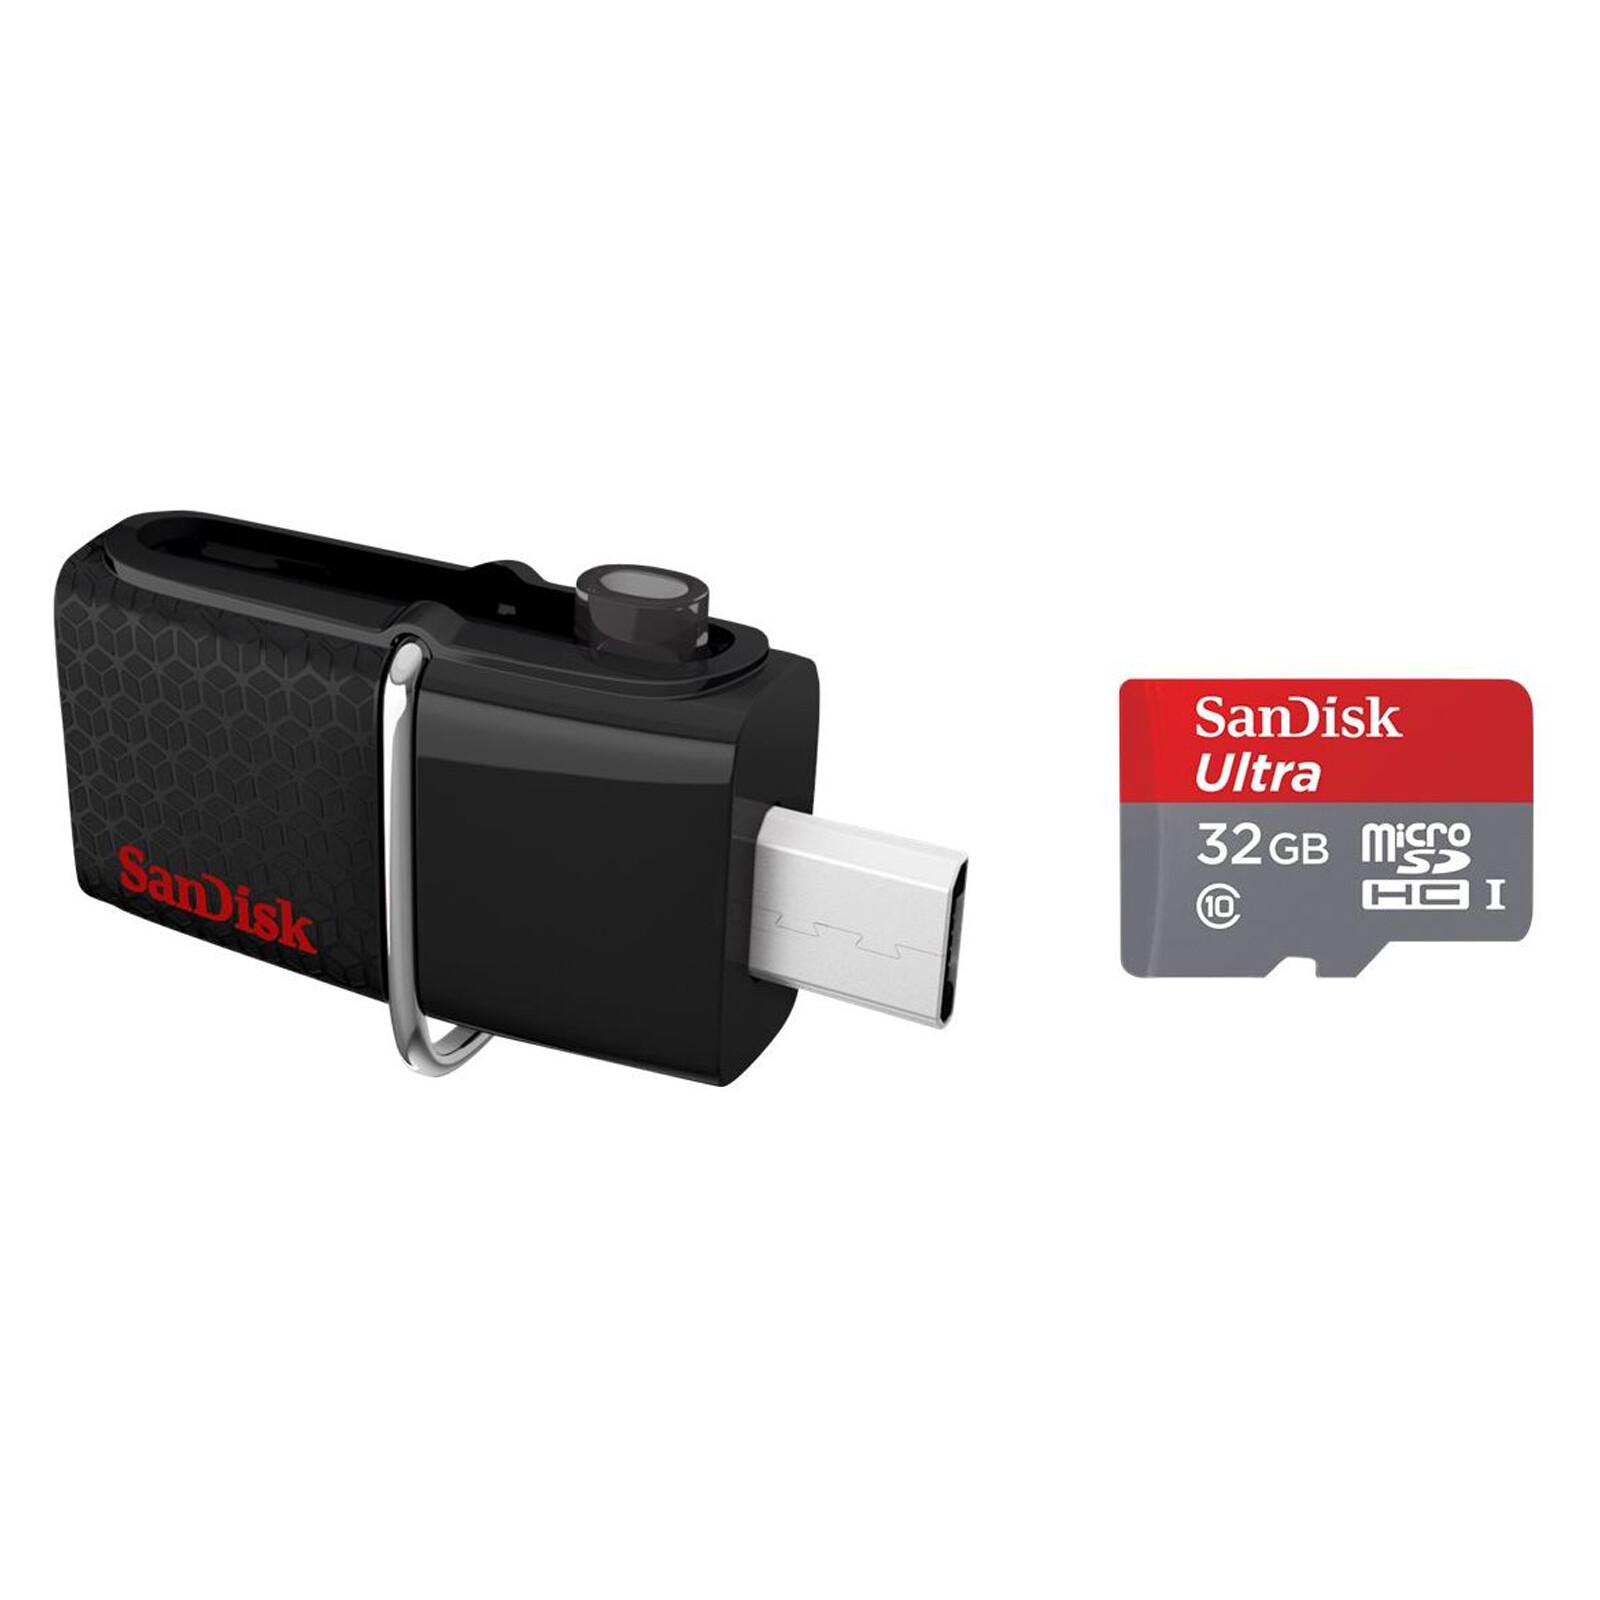 Sandisk Ultra Dual Drive USB 3.0 32GB + Ultra mSD 32GB Set